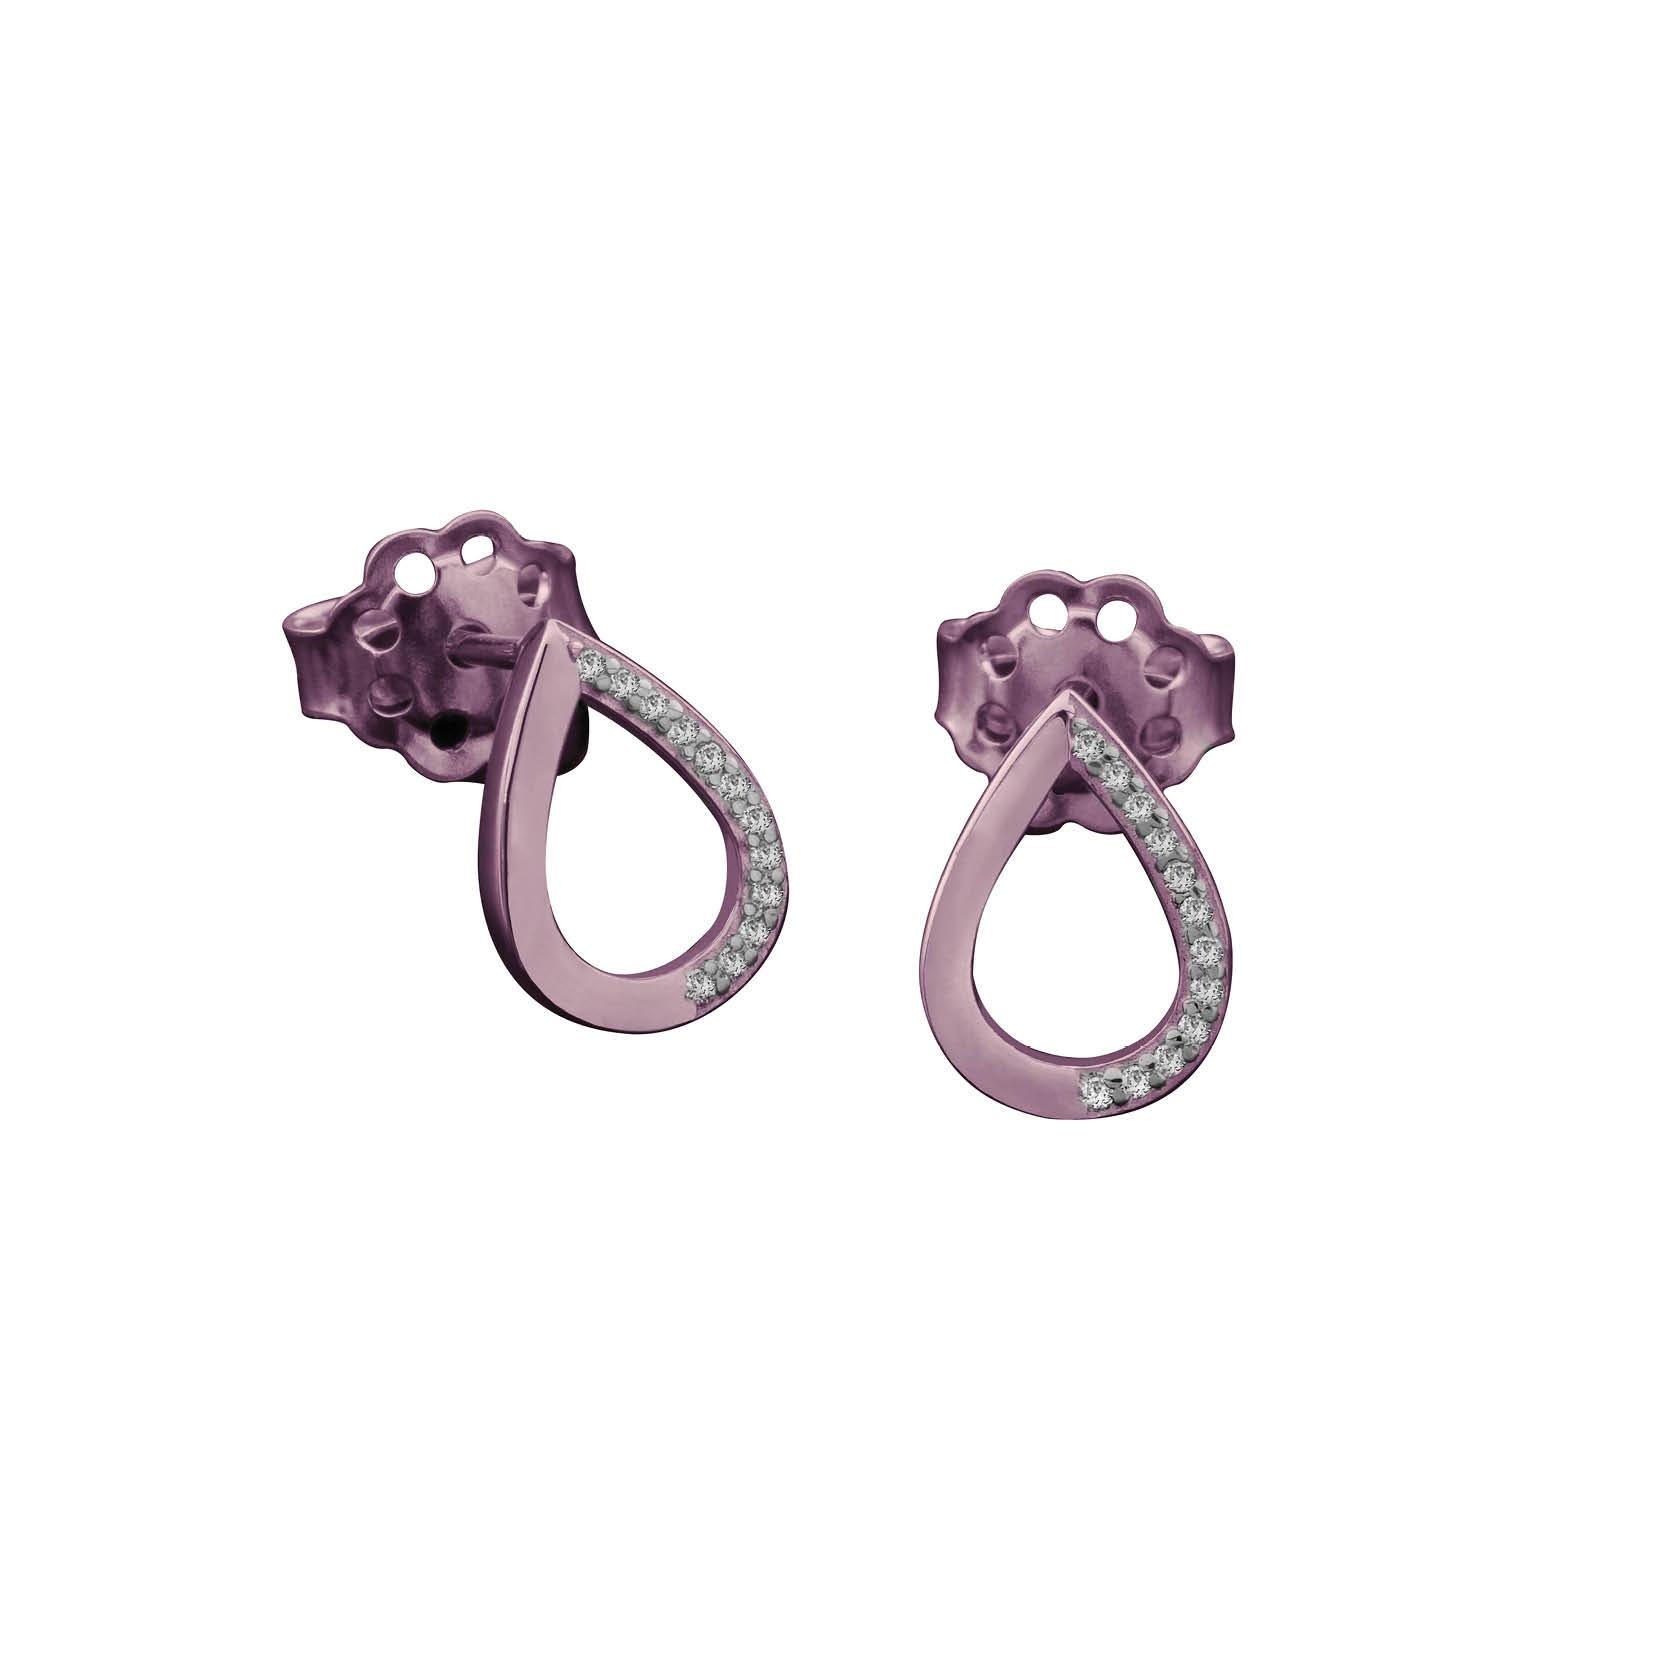 Σκουλαρίκια Δάκρυ με Ζιργκόν Ροζ Χρυσός Κ14 - 03E012